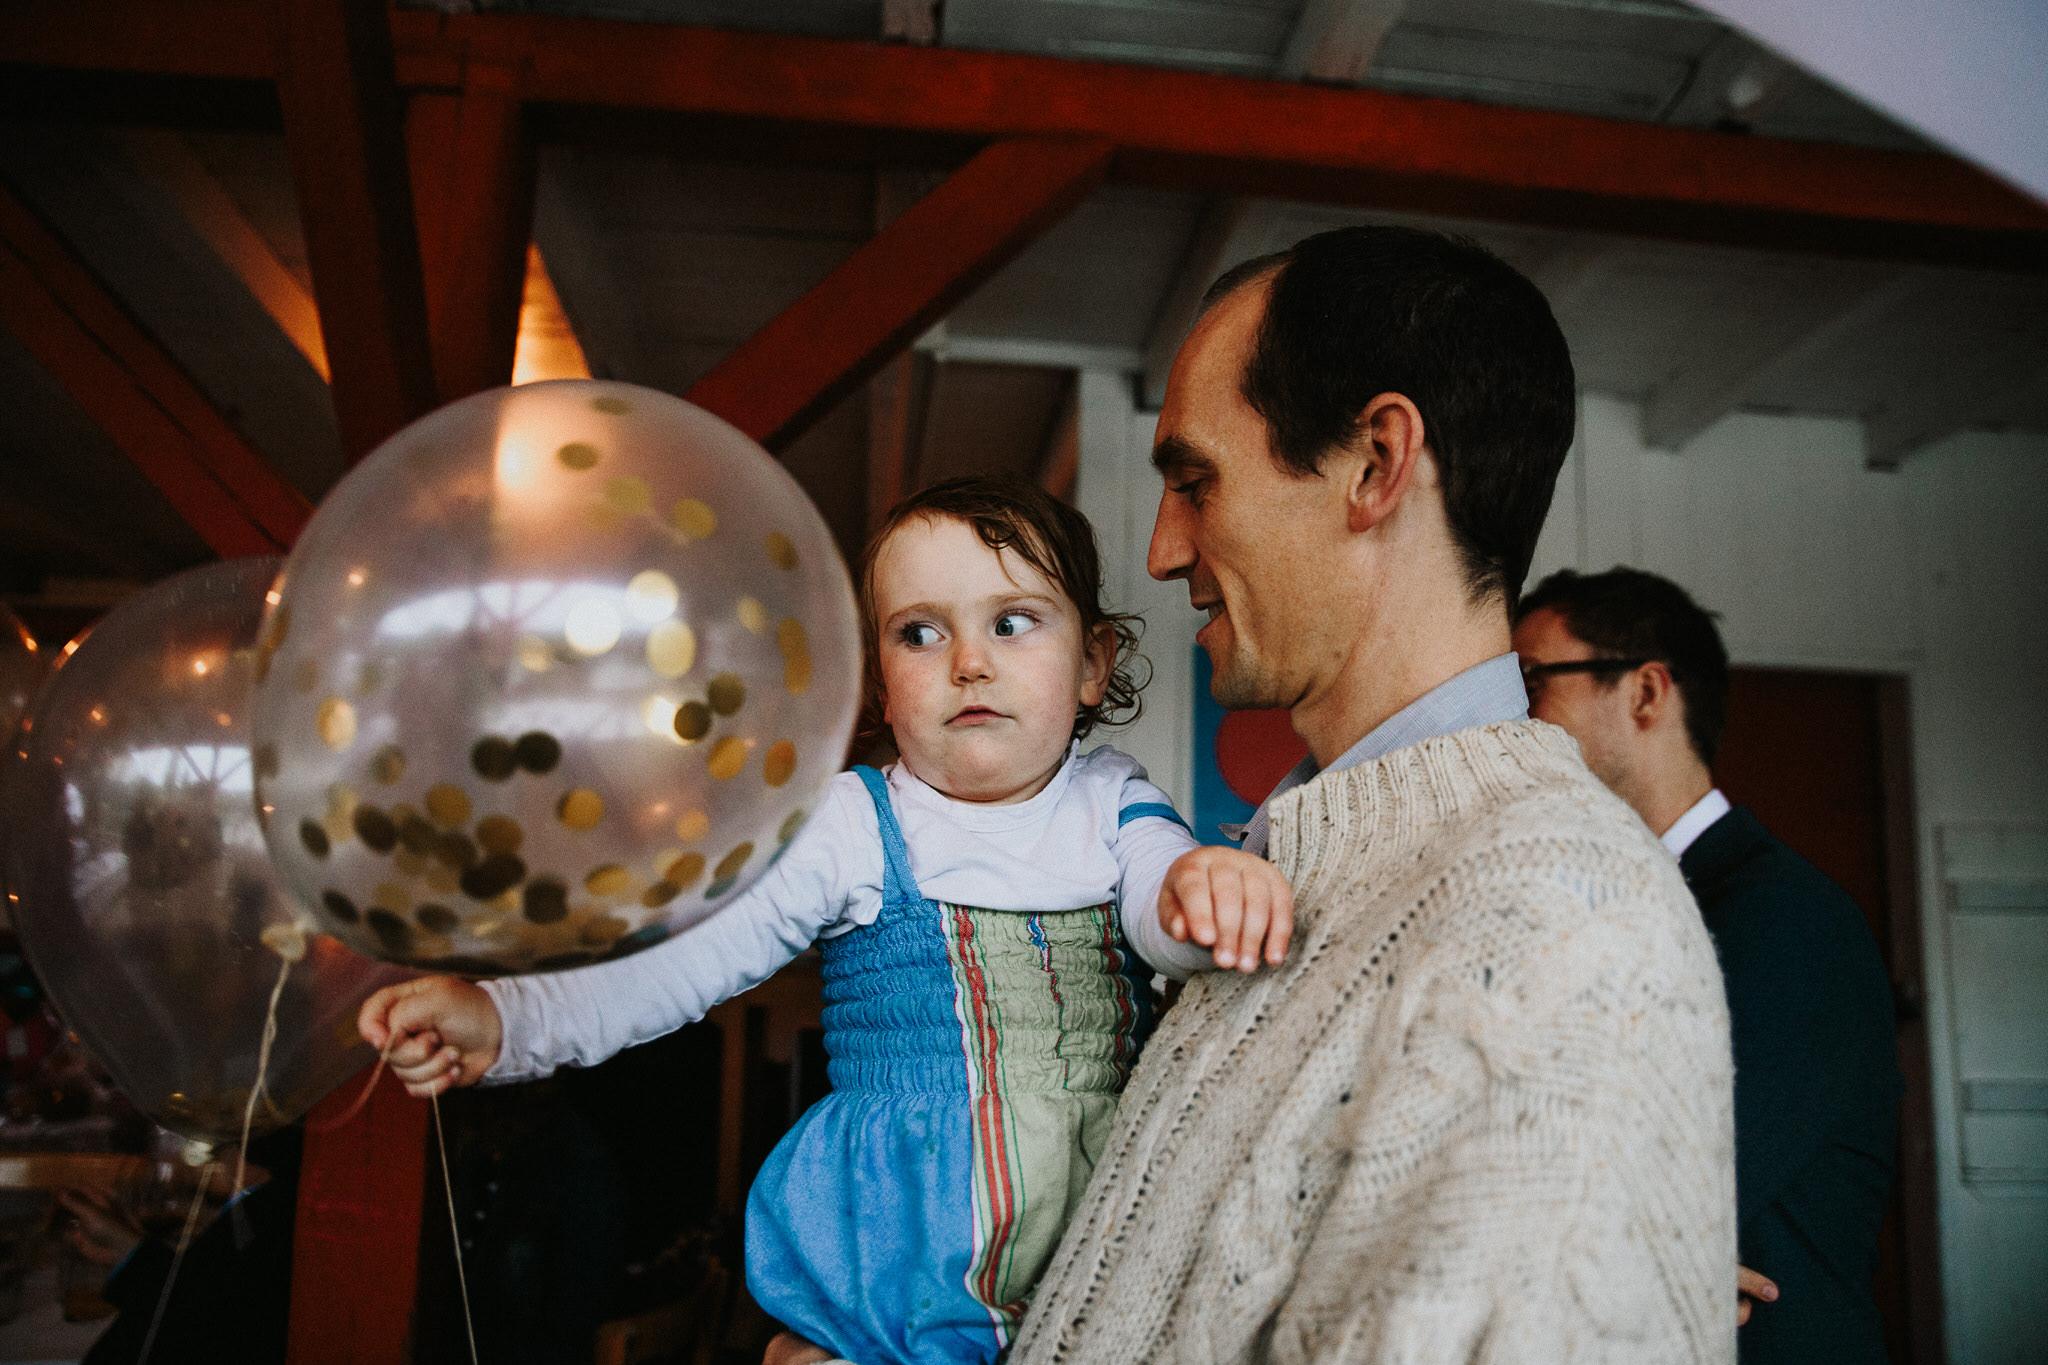 hochzeitsfotograf berlin Storytelling Workshop